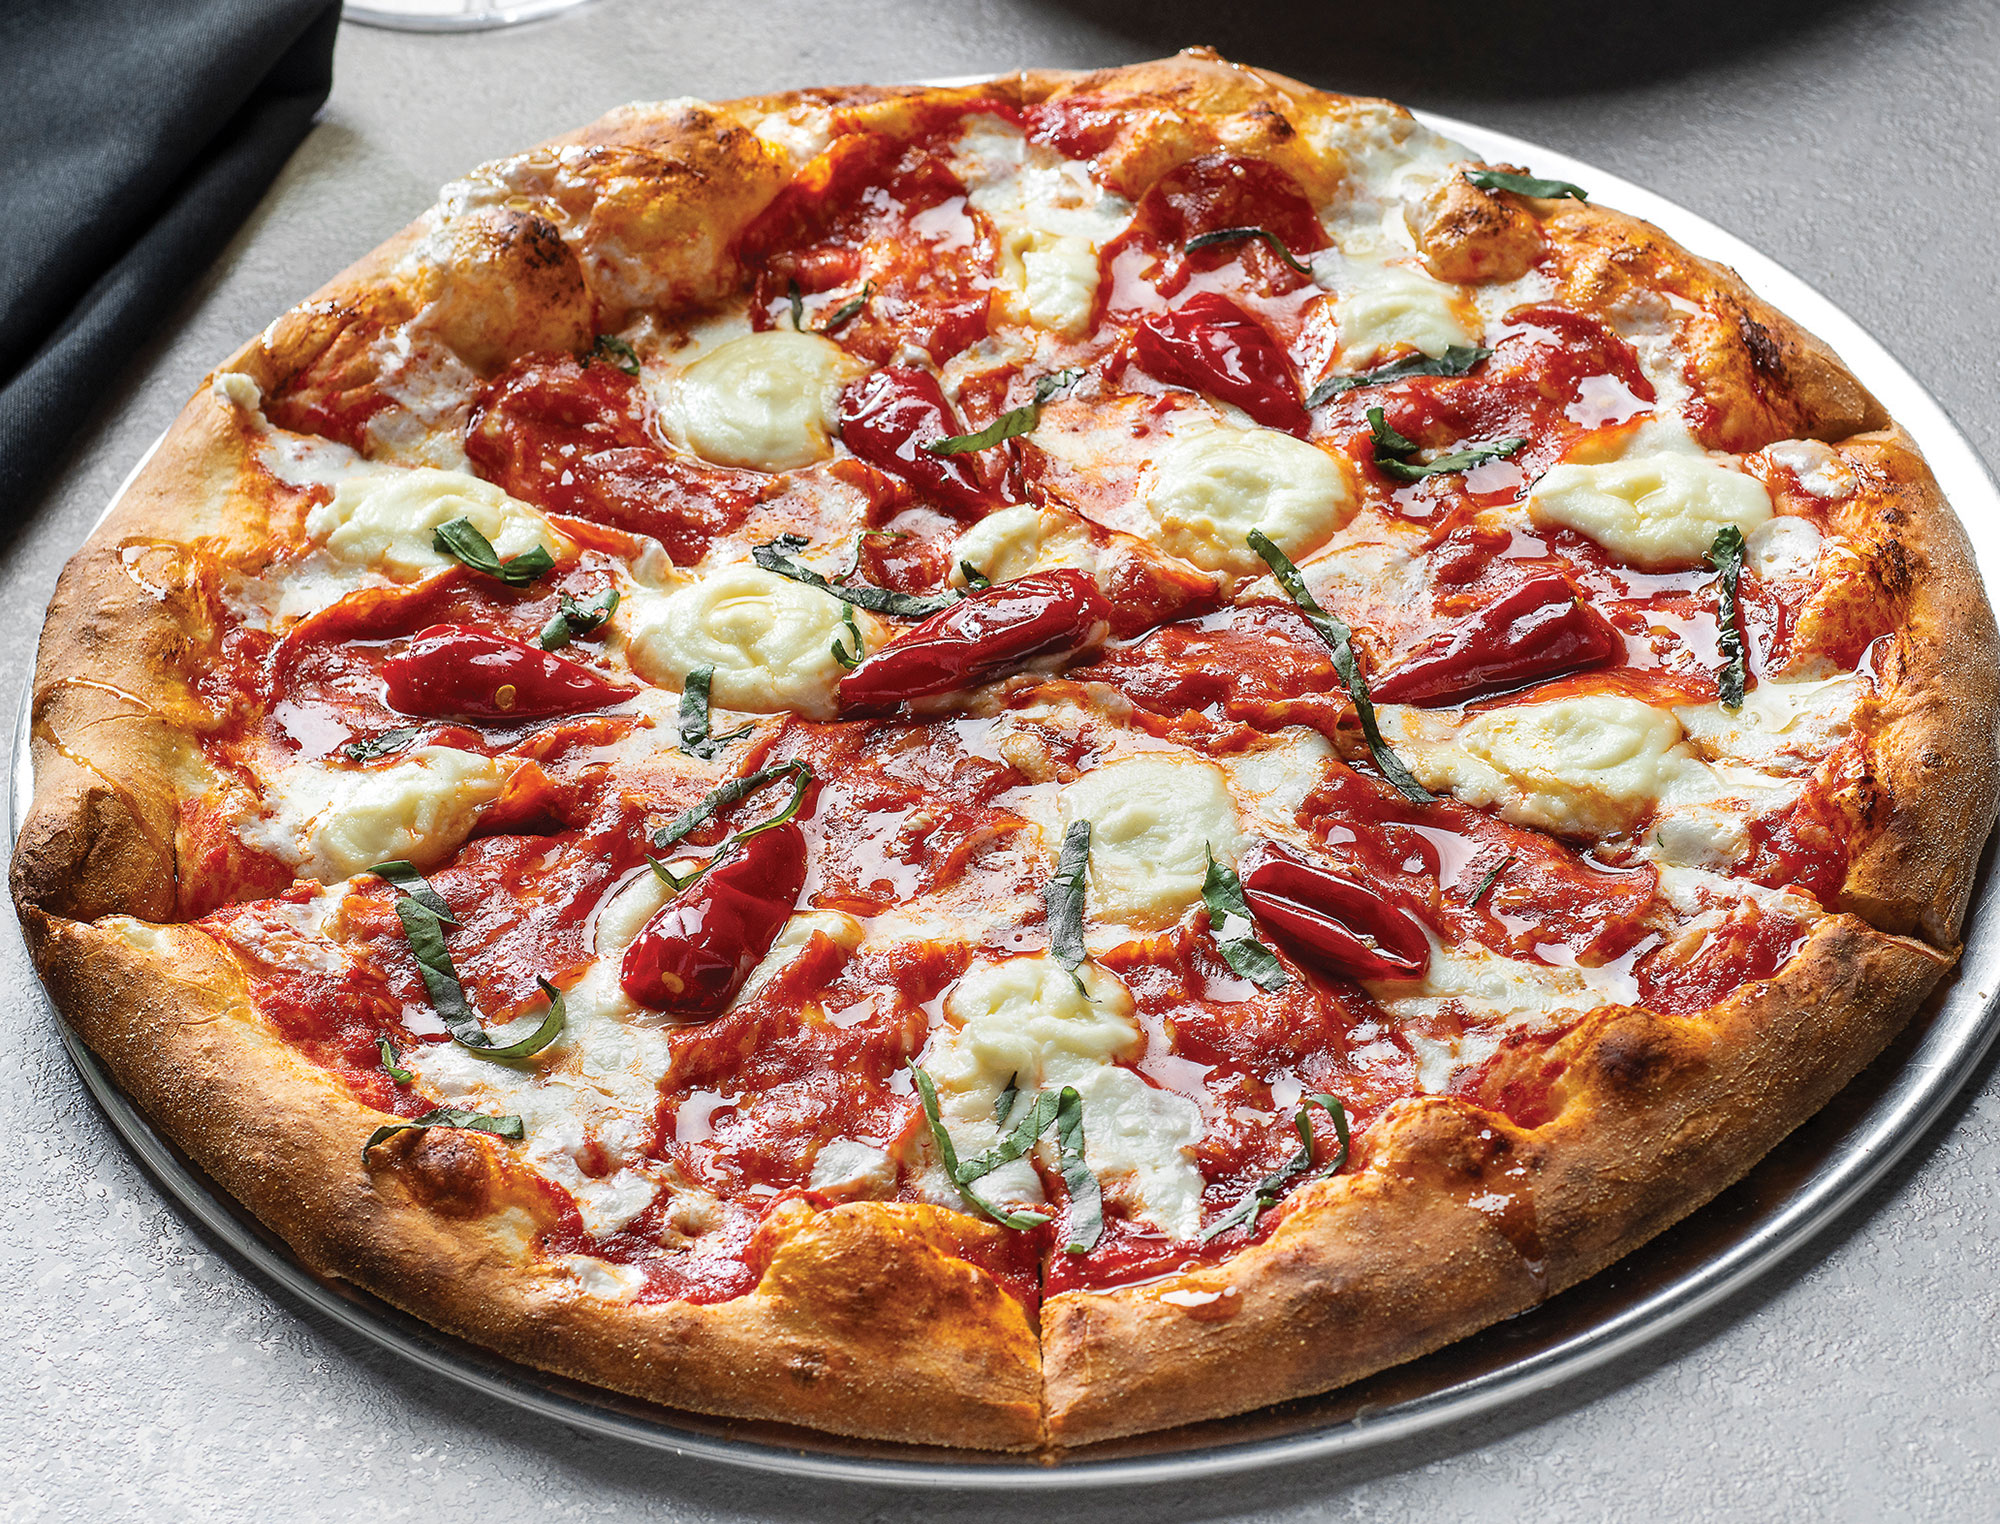 Diavolo pizza at Osteria Mia; Photography by Rob Ballard